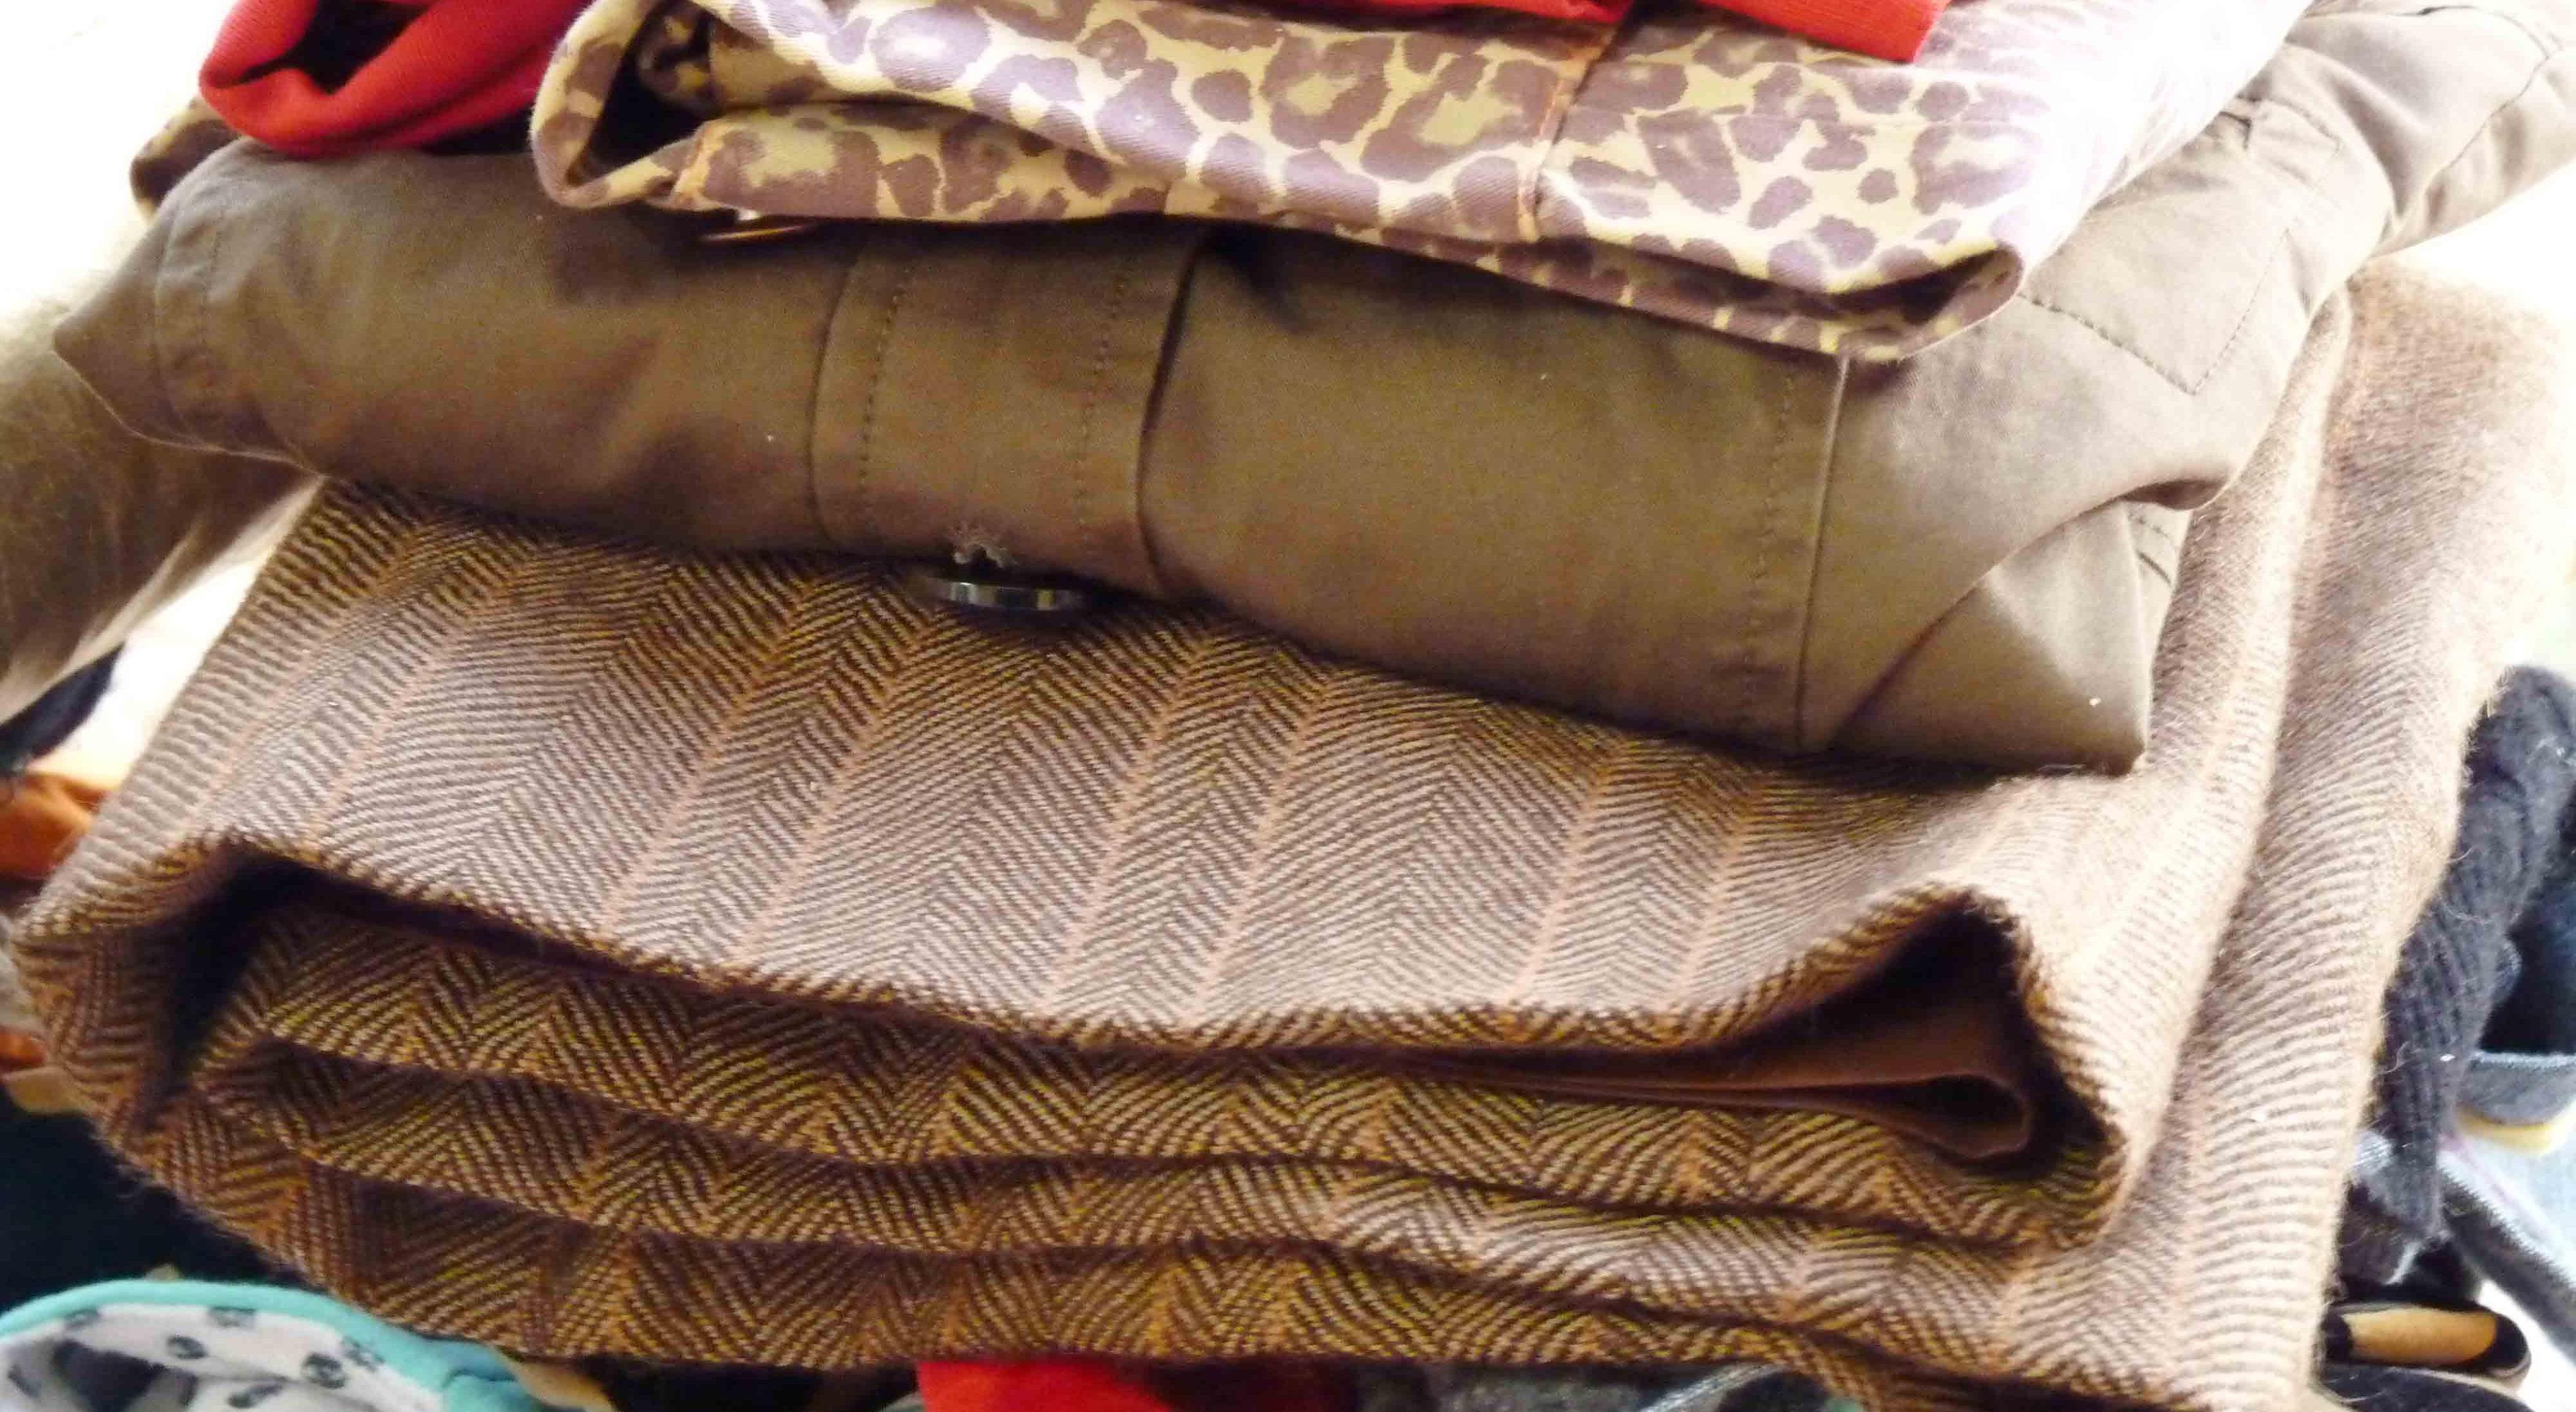 Projeto da Cáritas visa recolha e entrega de roupa e até pode criar empregos